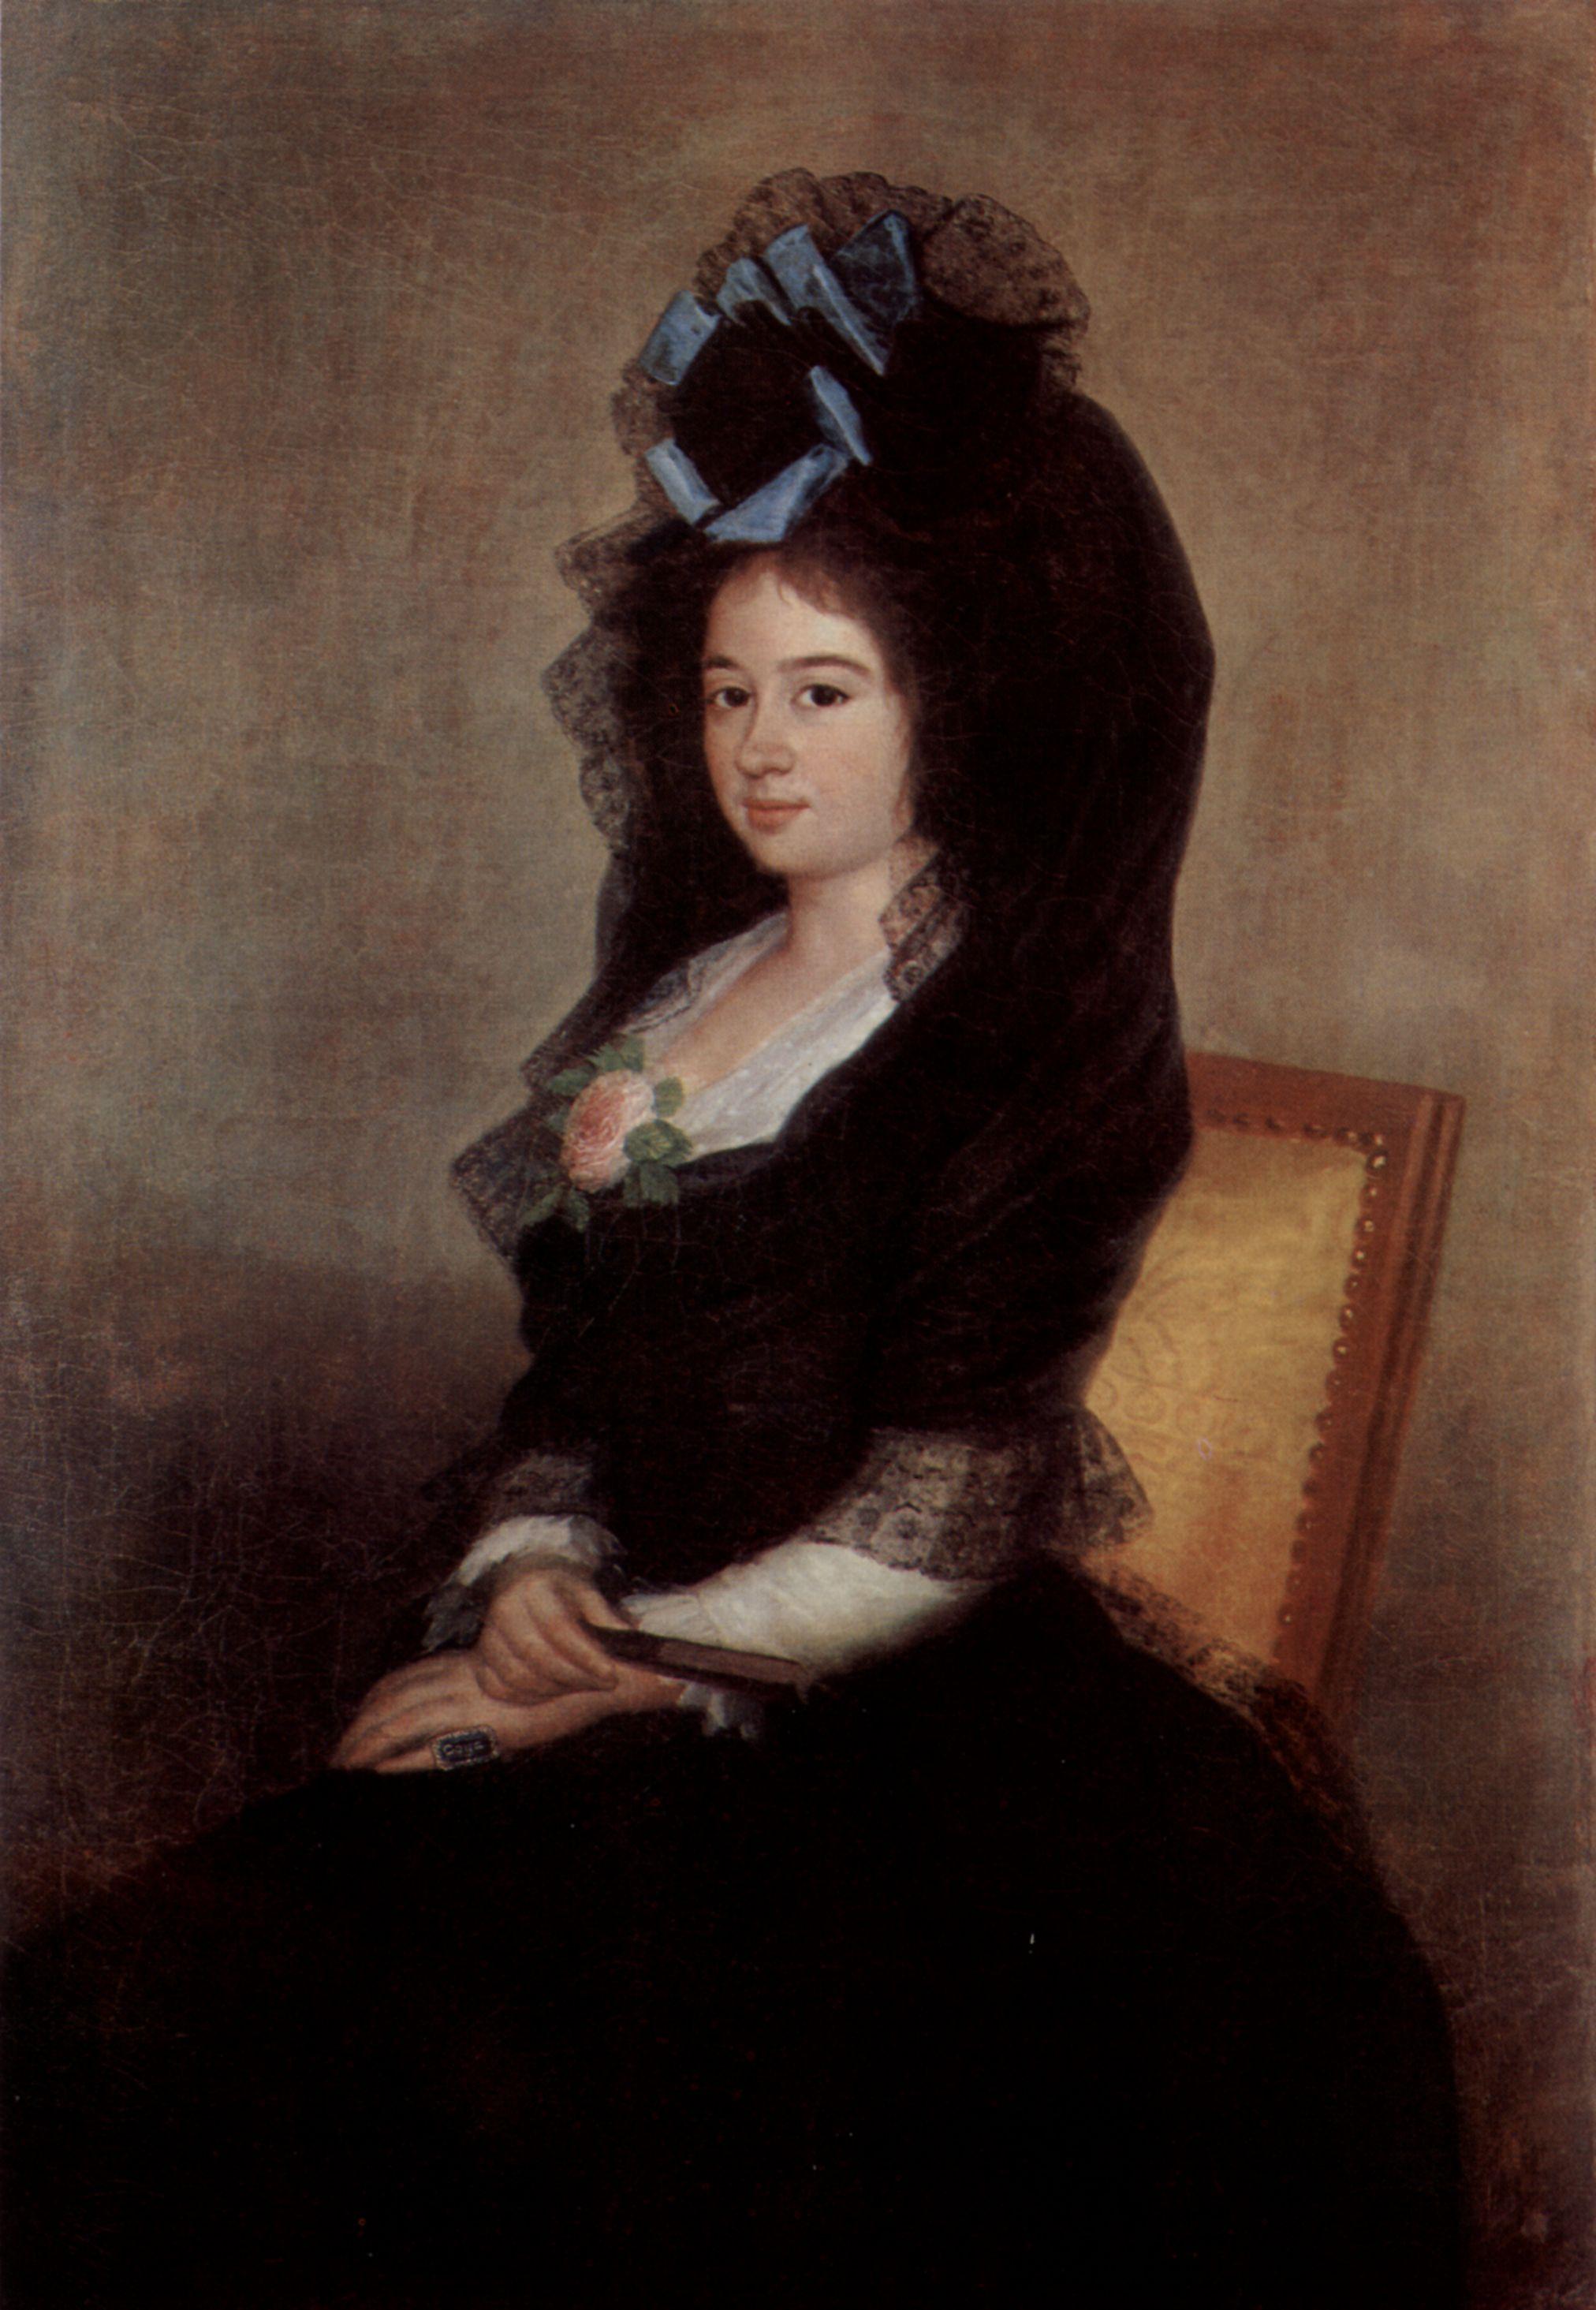 Mantilla en el siglo XVIII